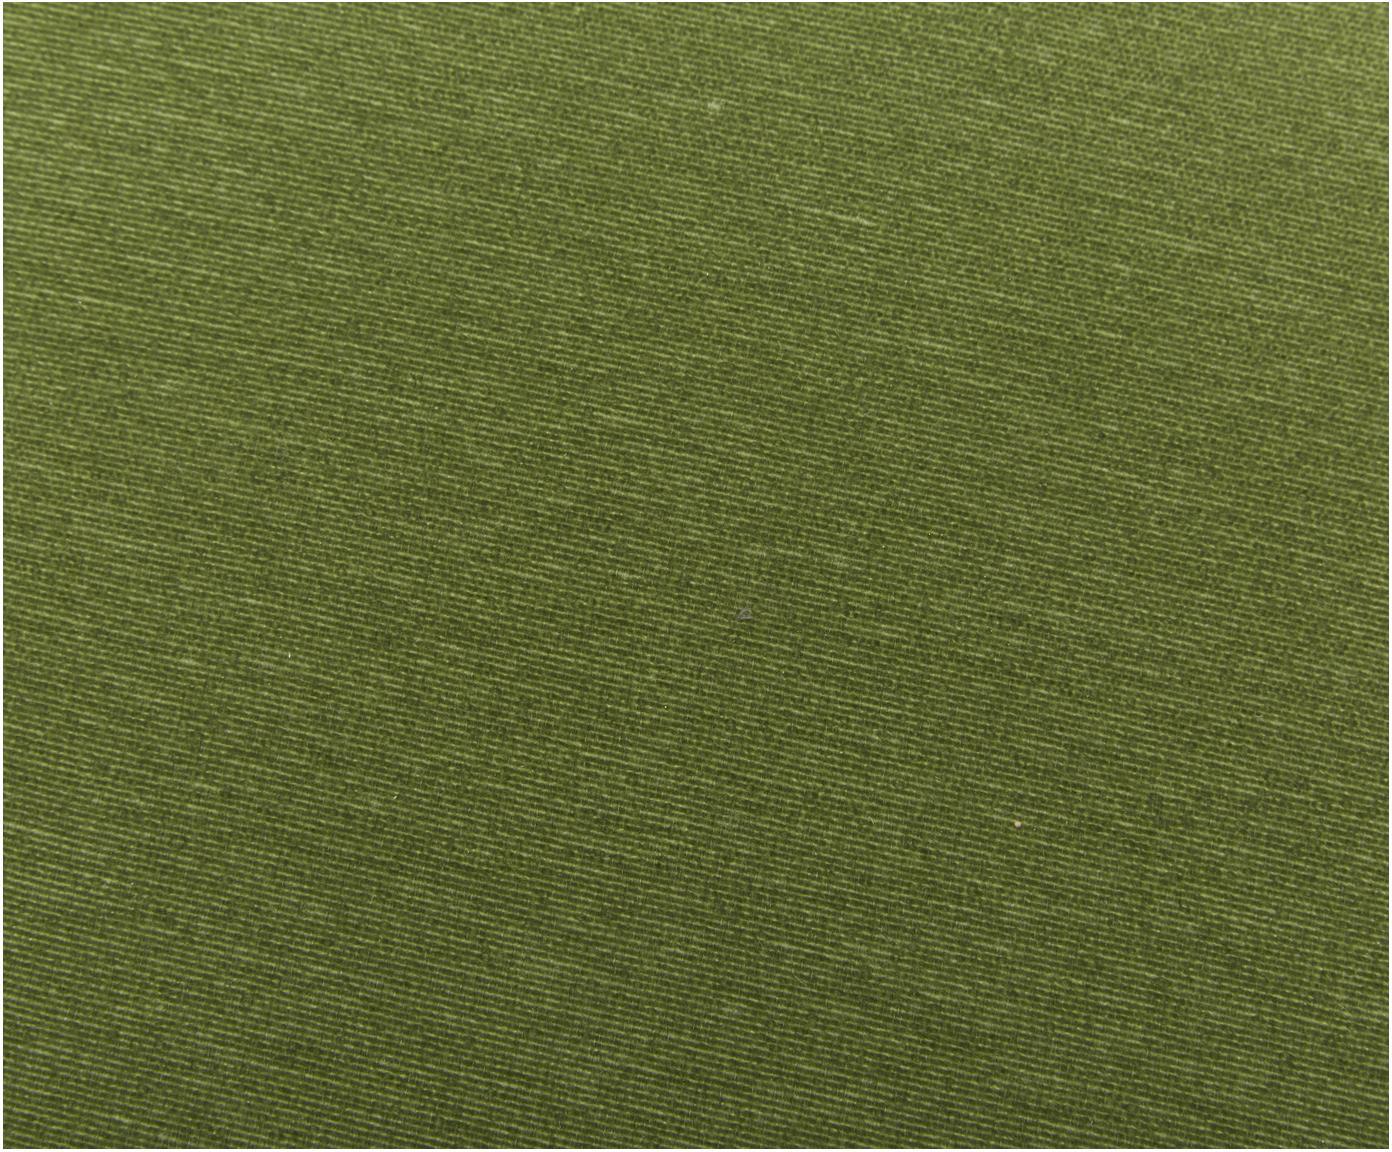 Coussin pour banc vert Panama, Vert